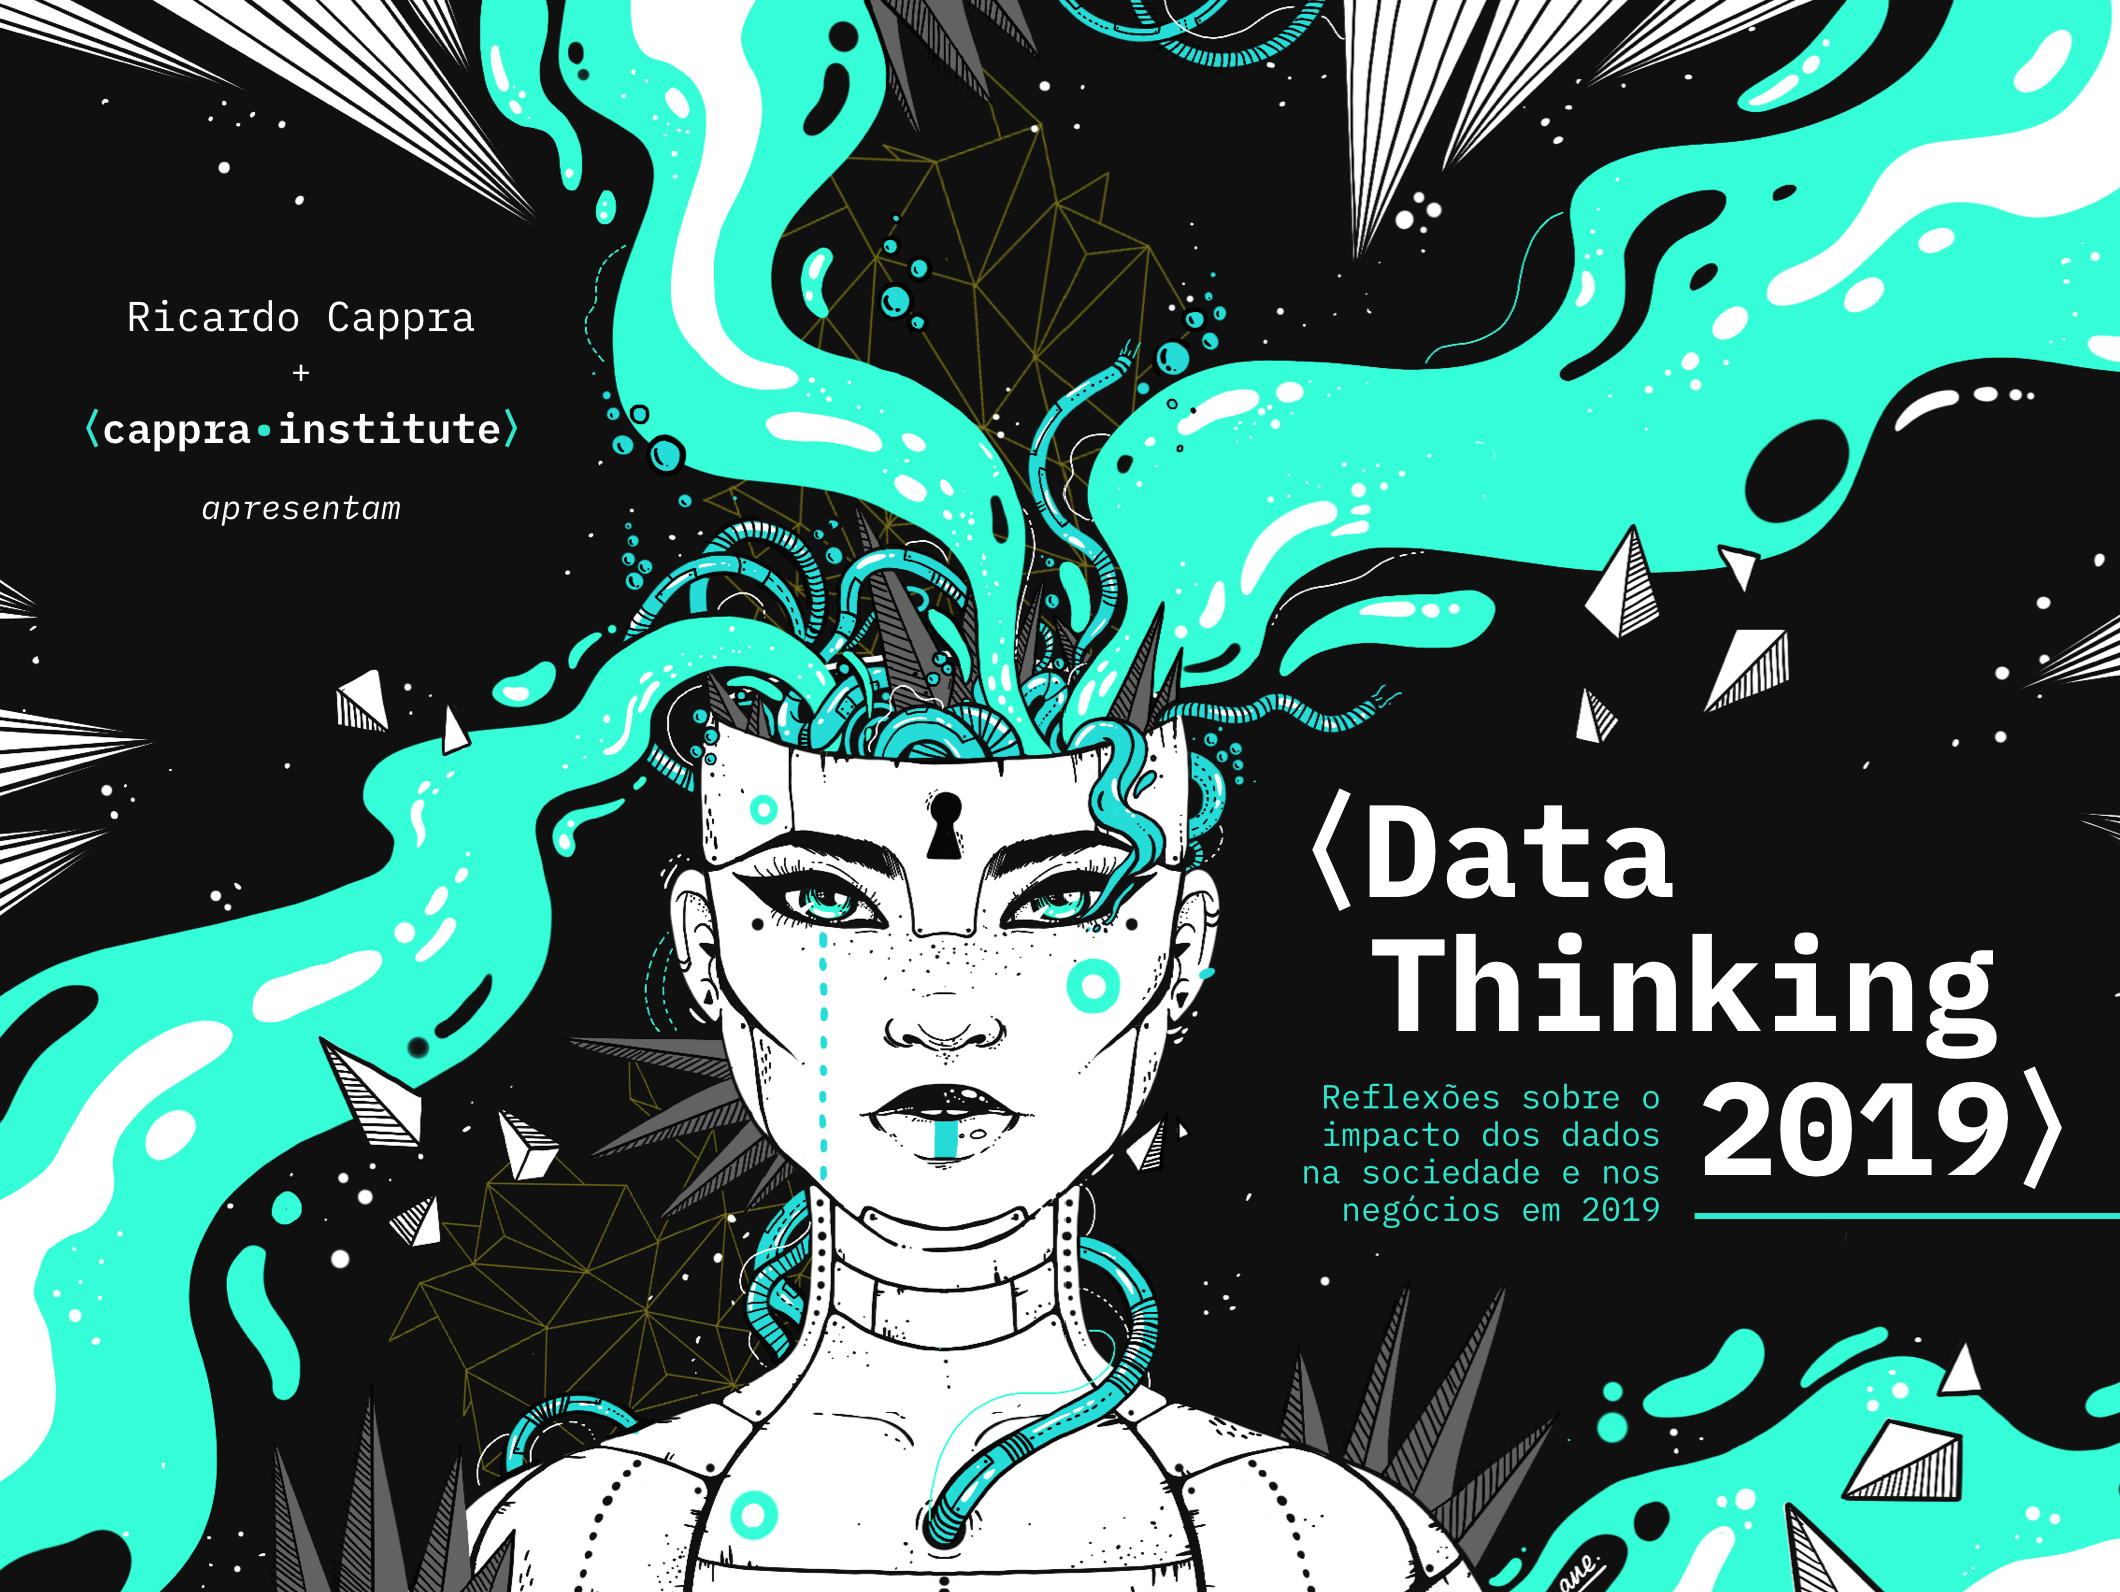 data thinking 2019 - Nesta publicação estão alguns dos nossos pensamentos sobre Dados, Ciência e Cultura Analítica para o ano de 2019.